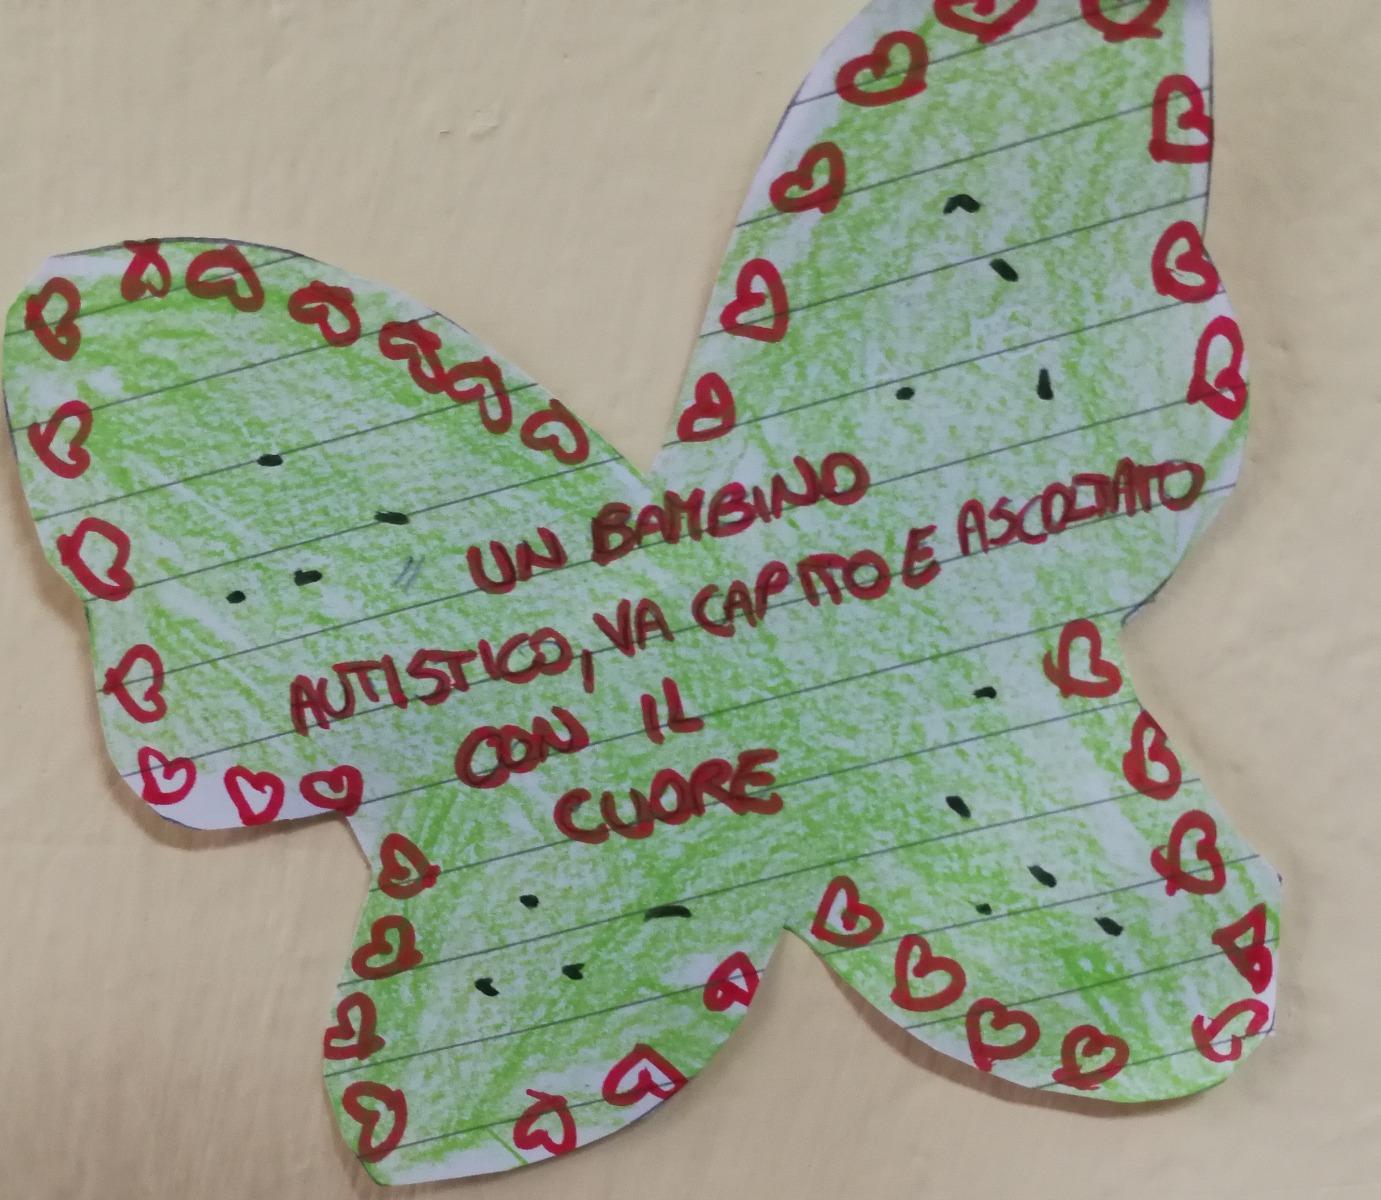 2 aprile: giornata mondiale per la consapevolezza dell'autismo